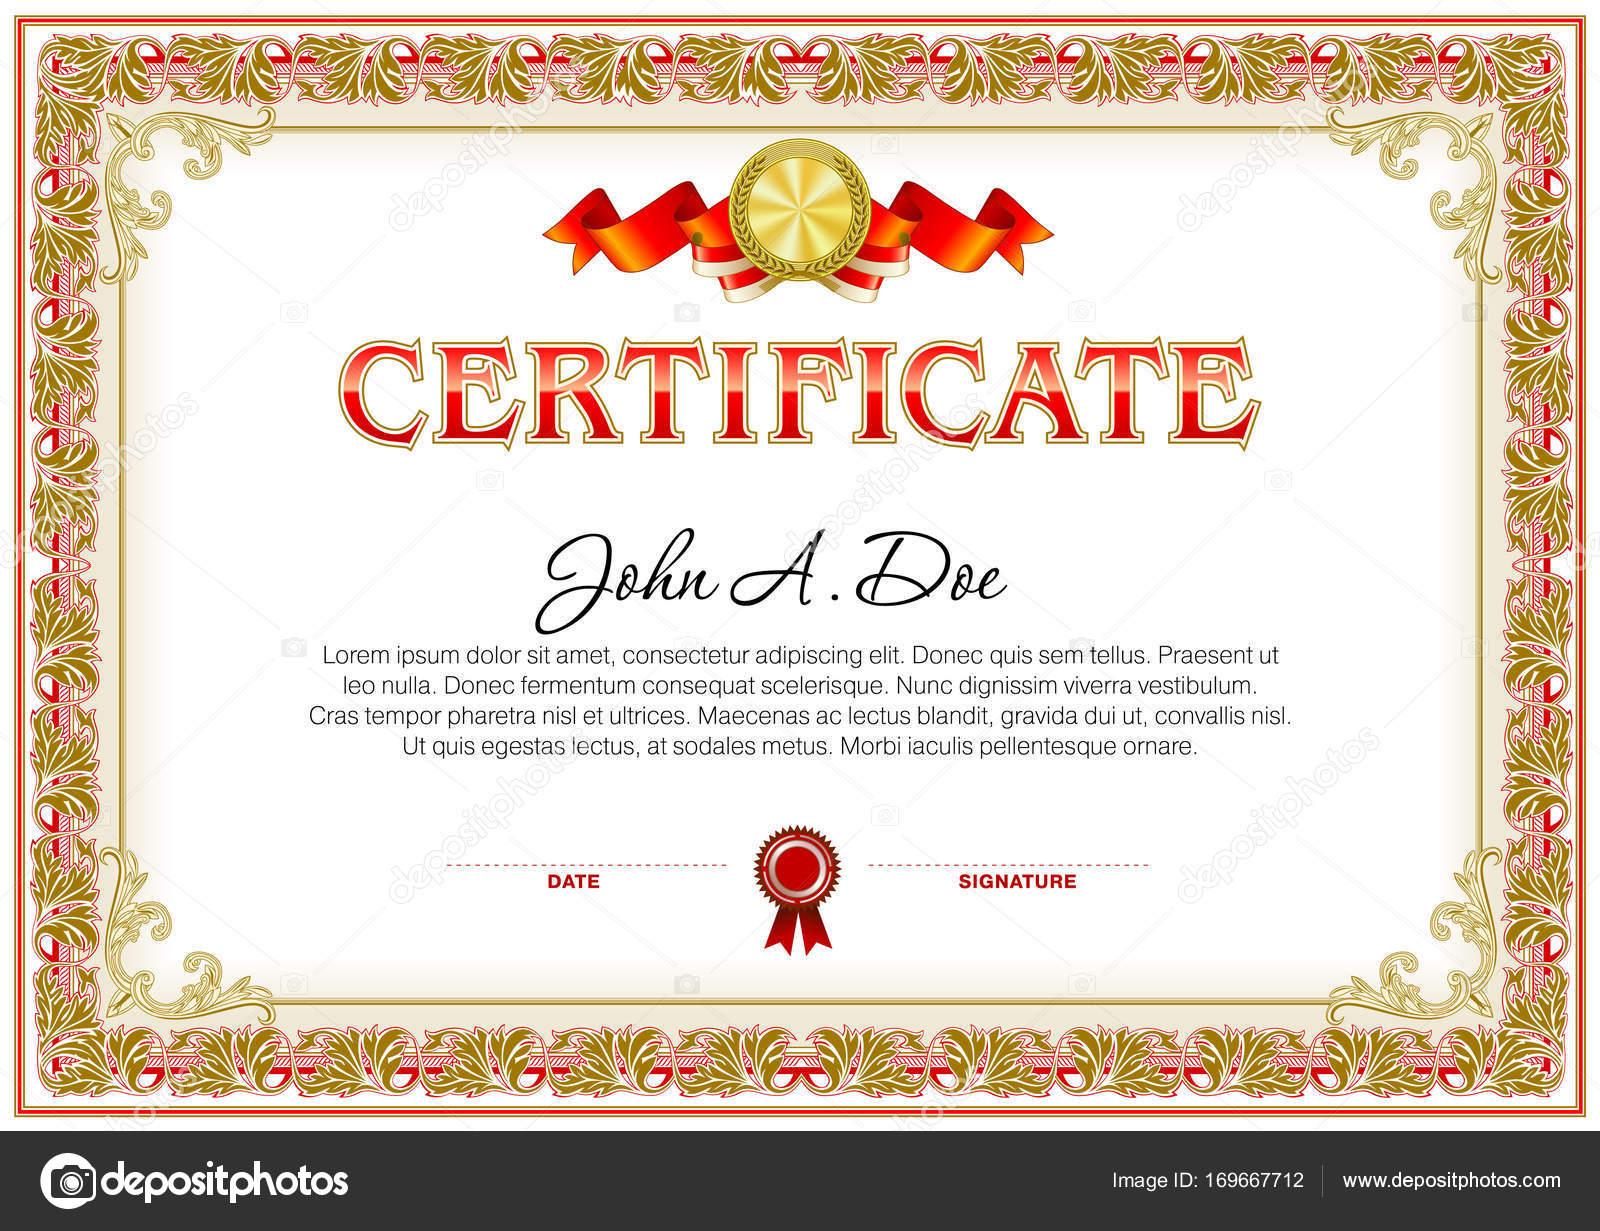 Wunderbar Leere Zertifikat Vorlage Zeitgenössisch - Entry Level ...